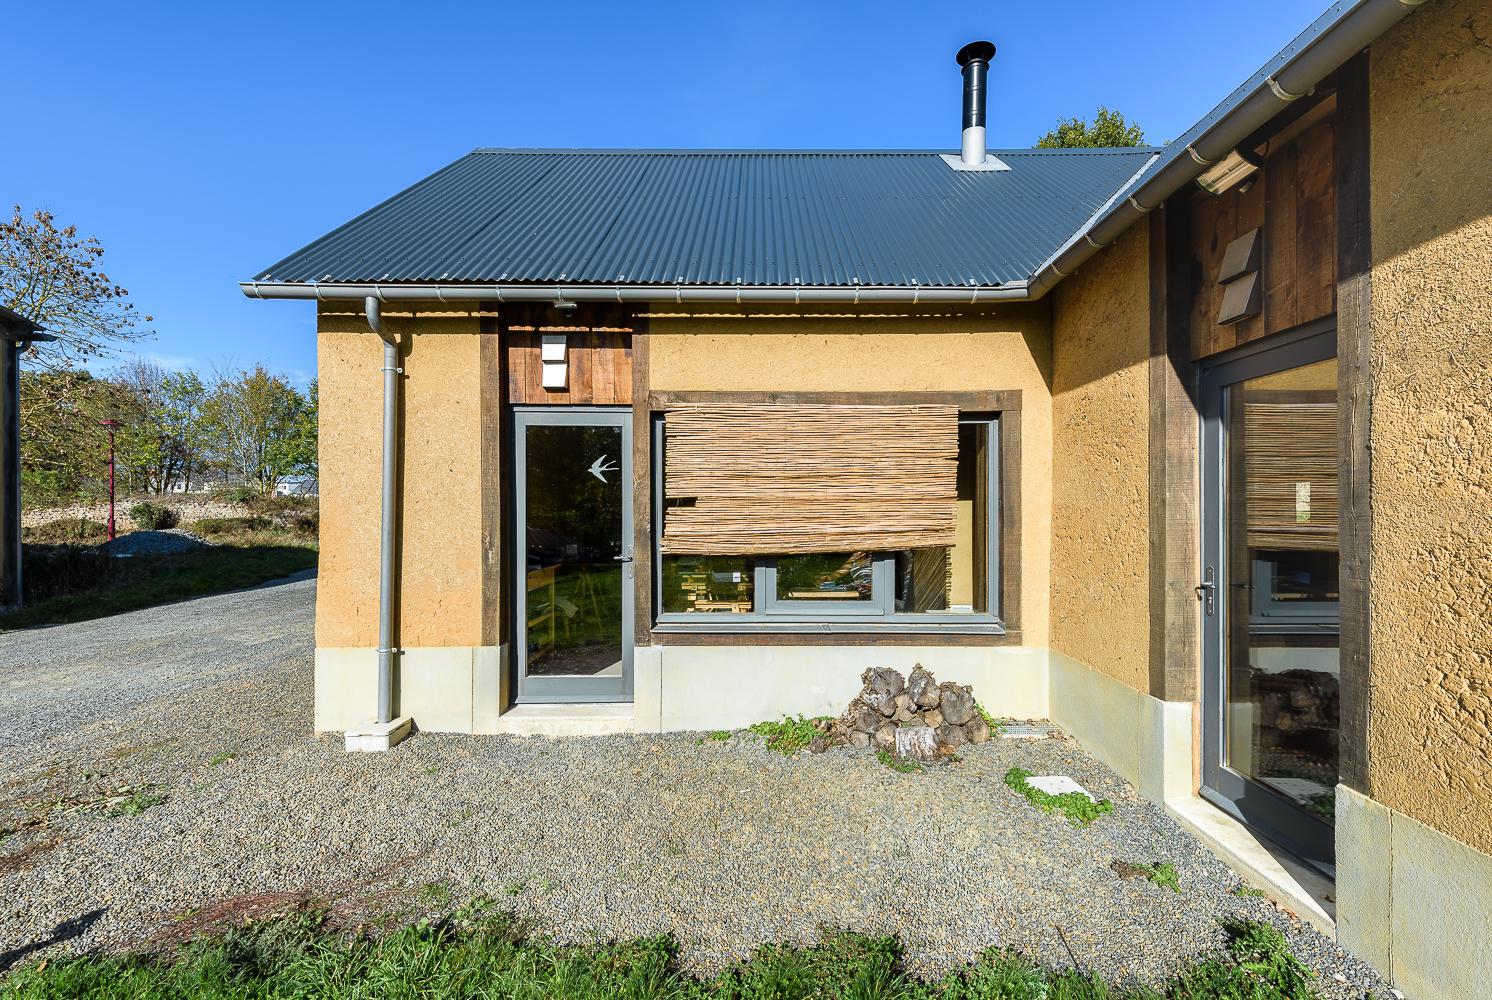 photographe d'architecture ©INTERVALphoto : Atelier ALP, pôle terre crue, Agence ALP, Saint Germain-sur-Ille